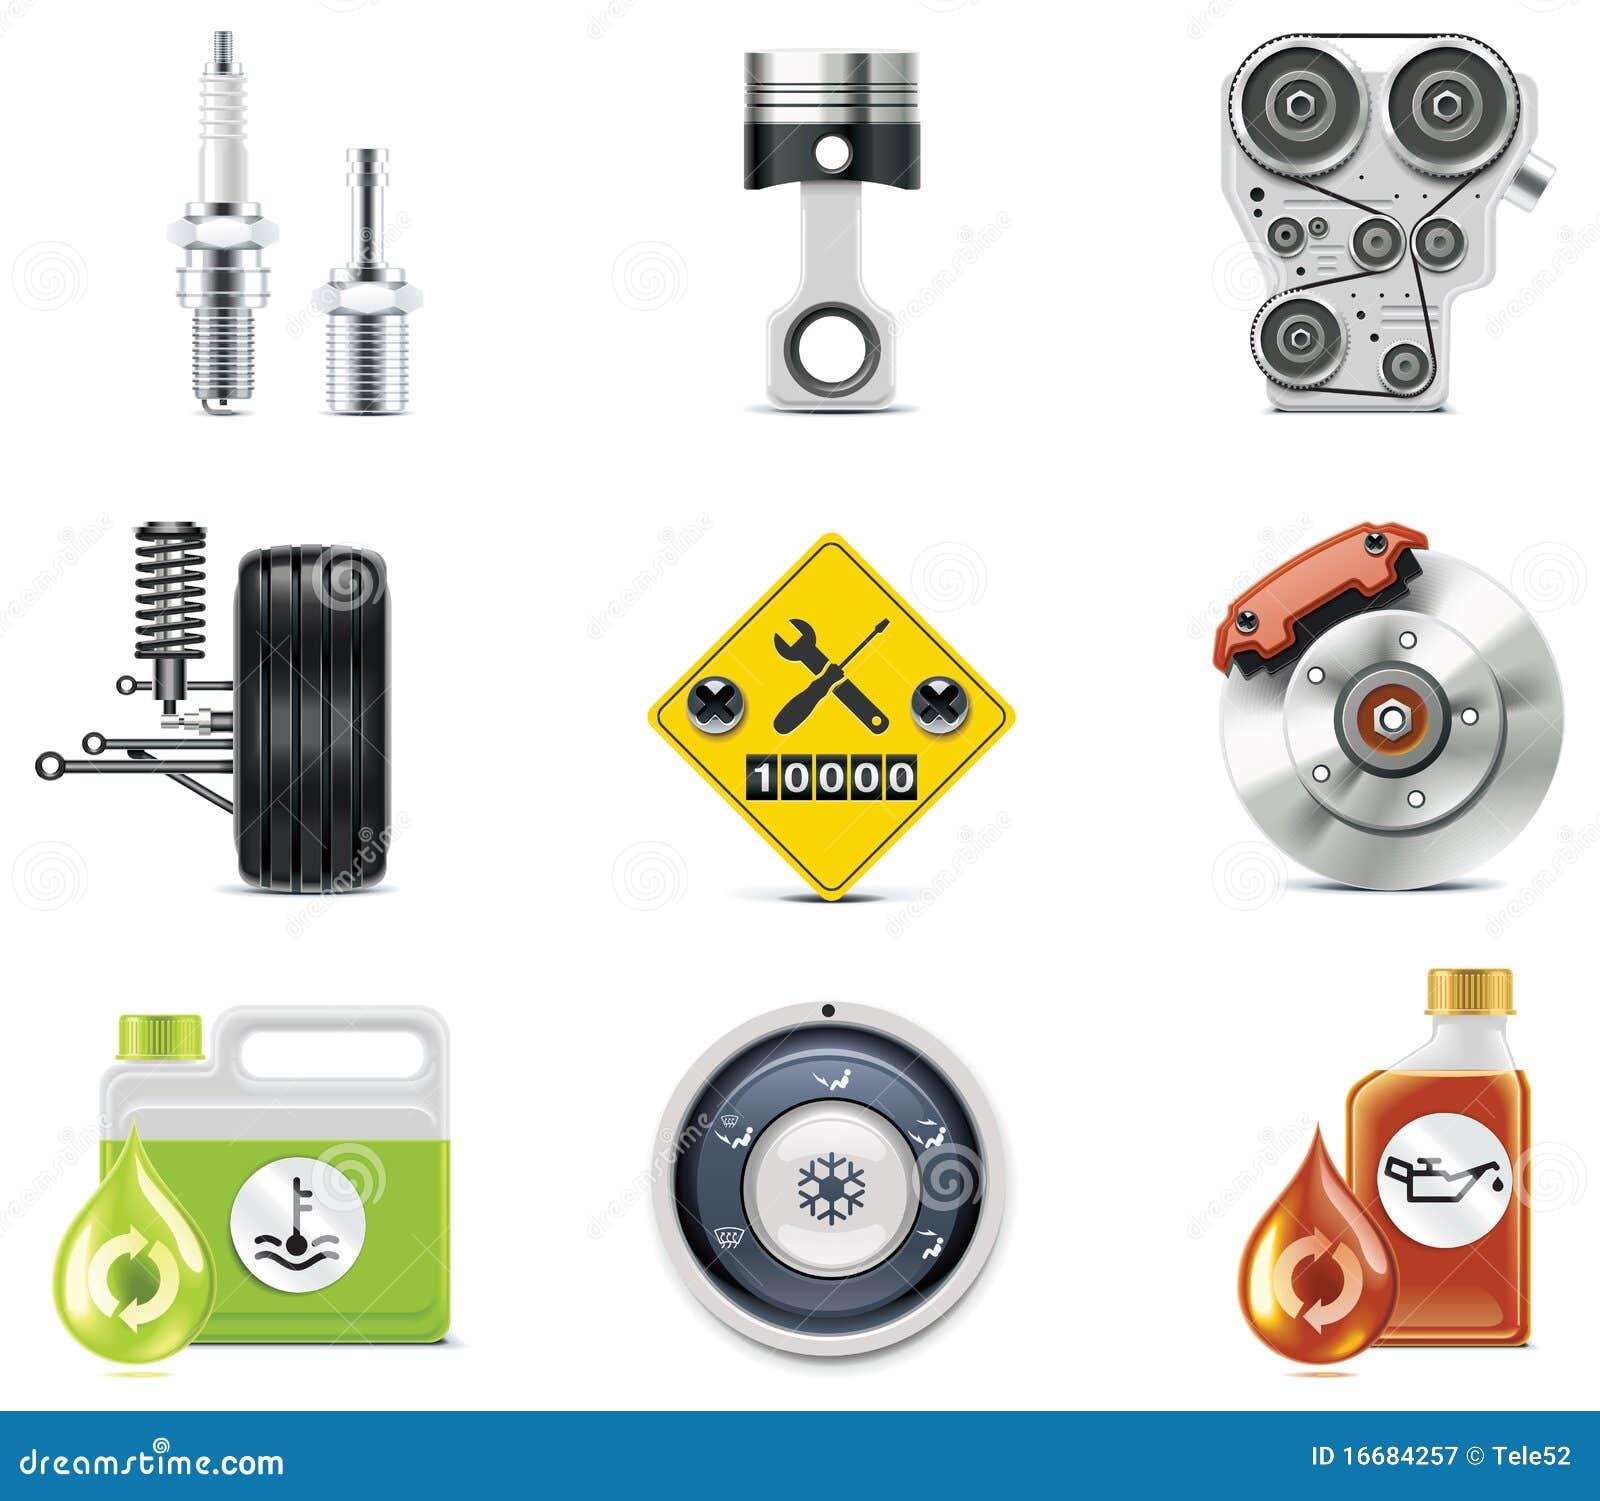 汽车图标维护涉及维修服务集.高清图片